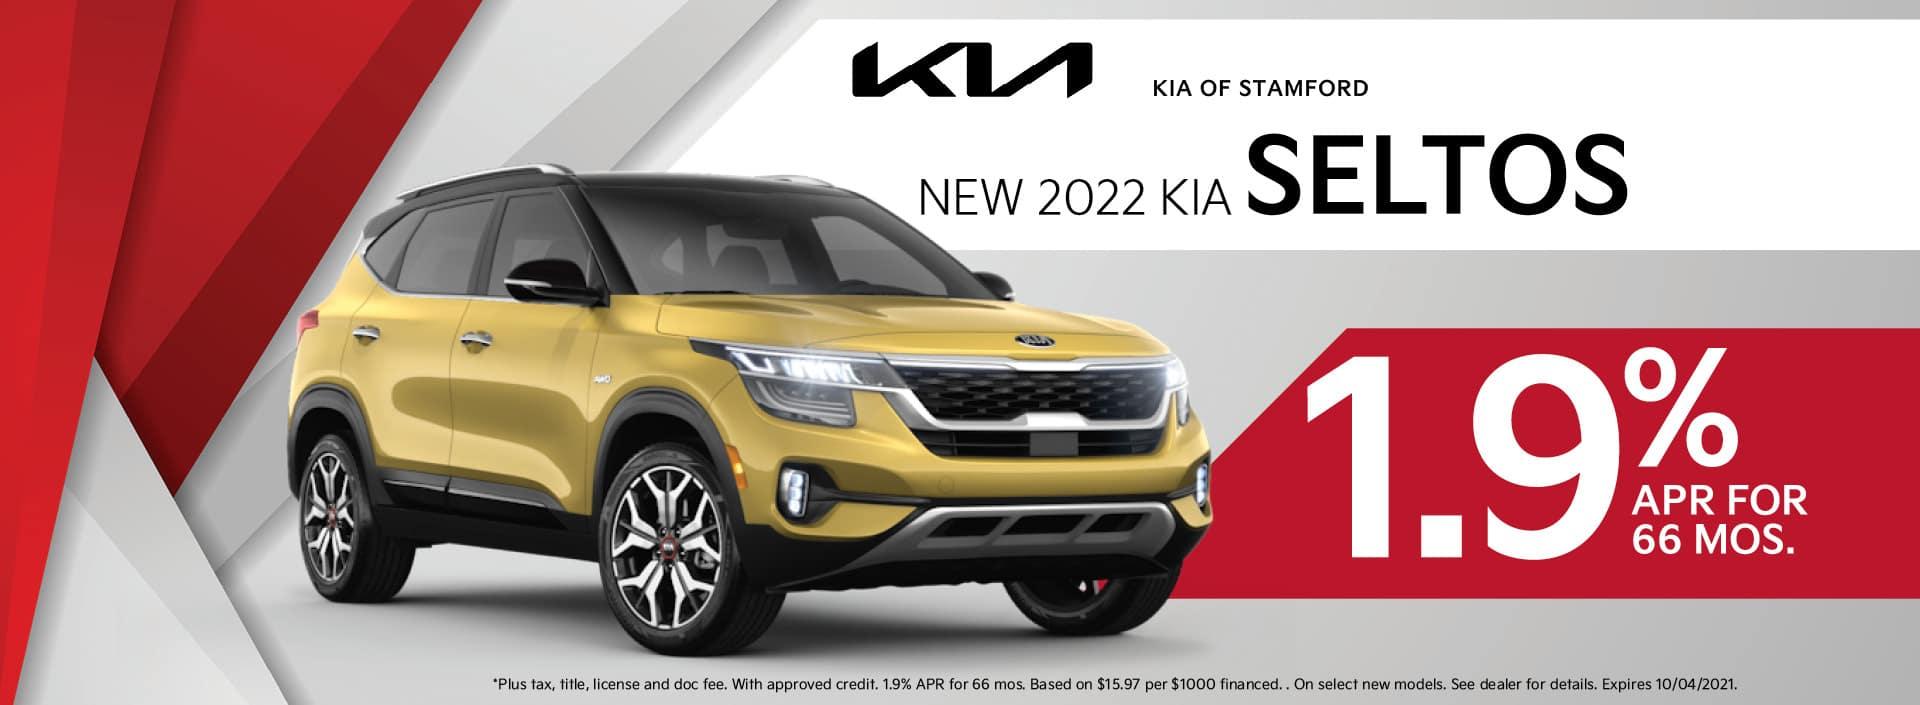 2022 Kia Seltos Finance Offer   Kia of Stamford